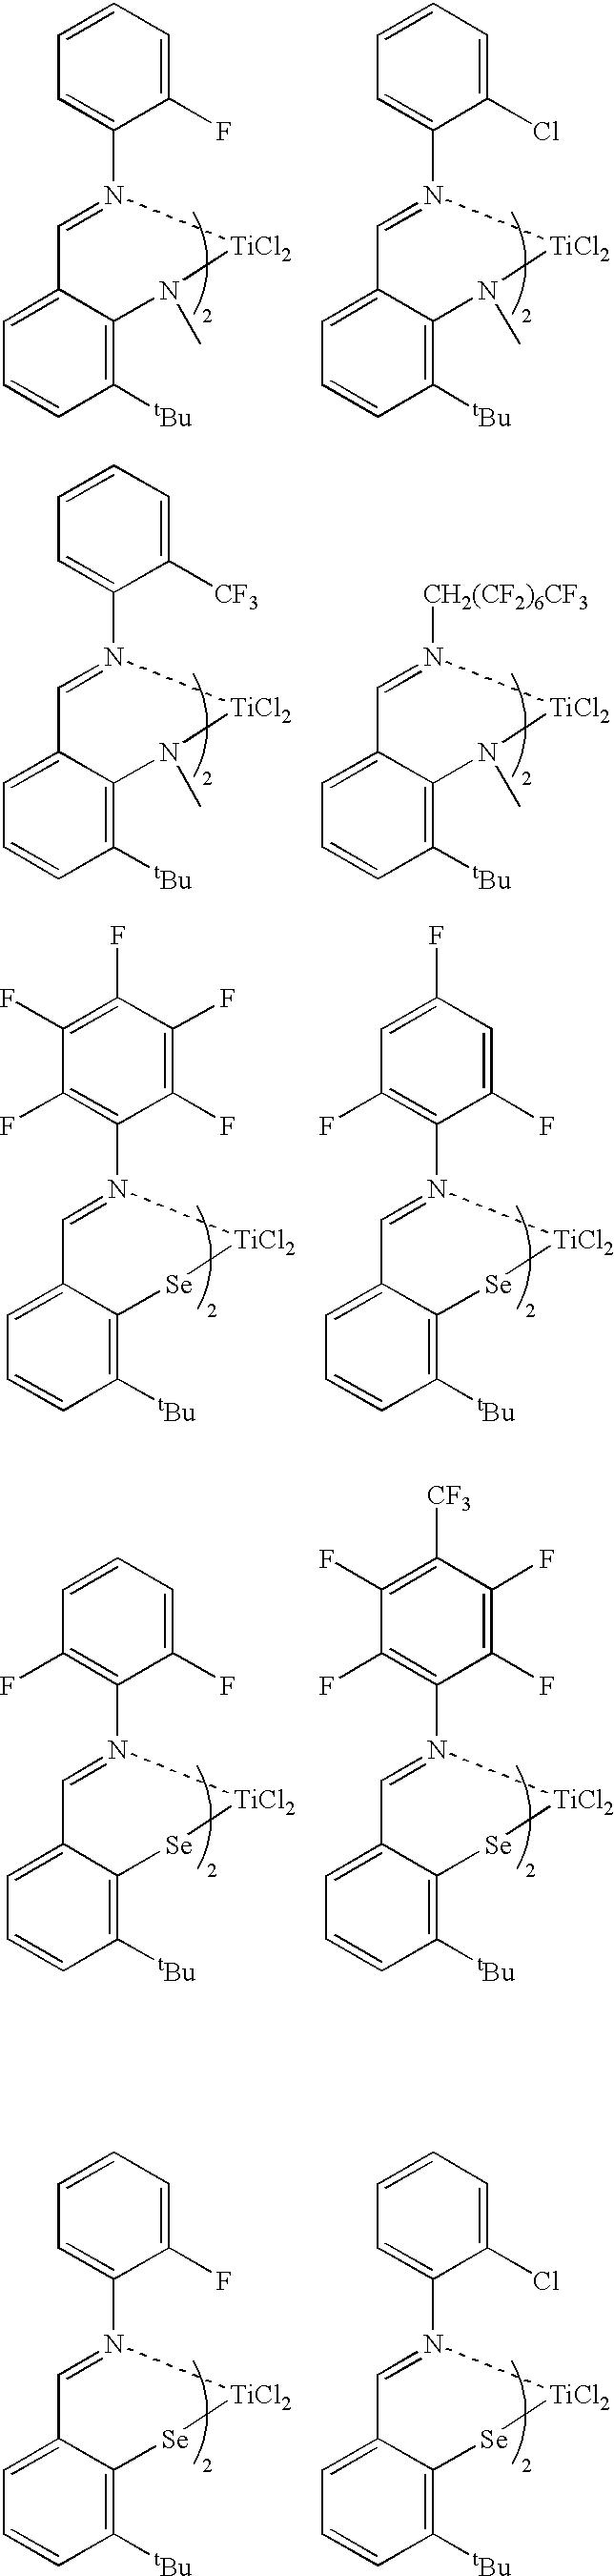 Figure US06838540-20050104-C00012